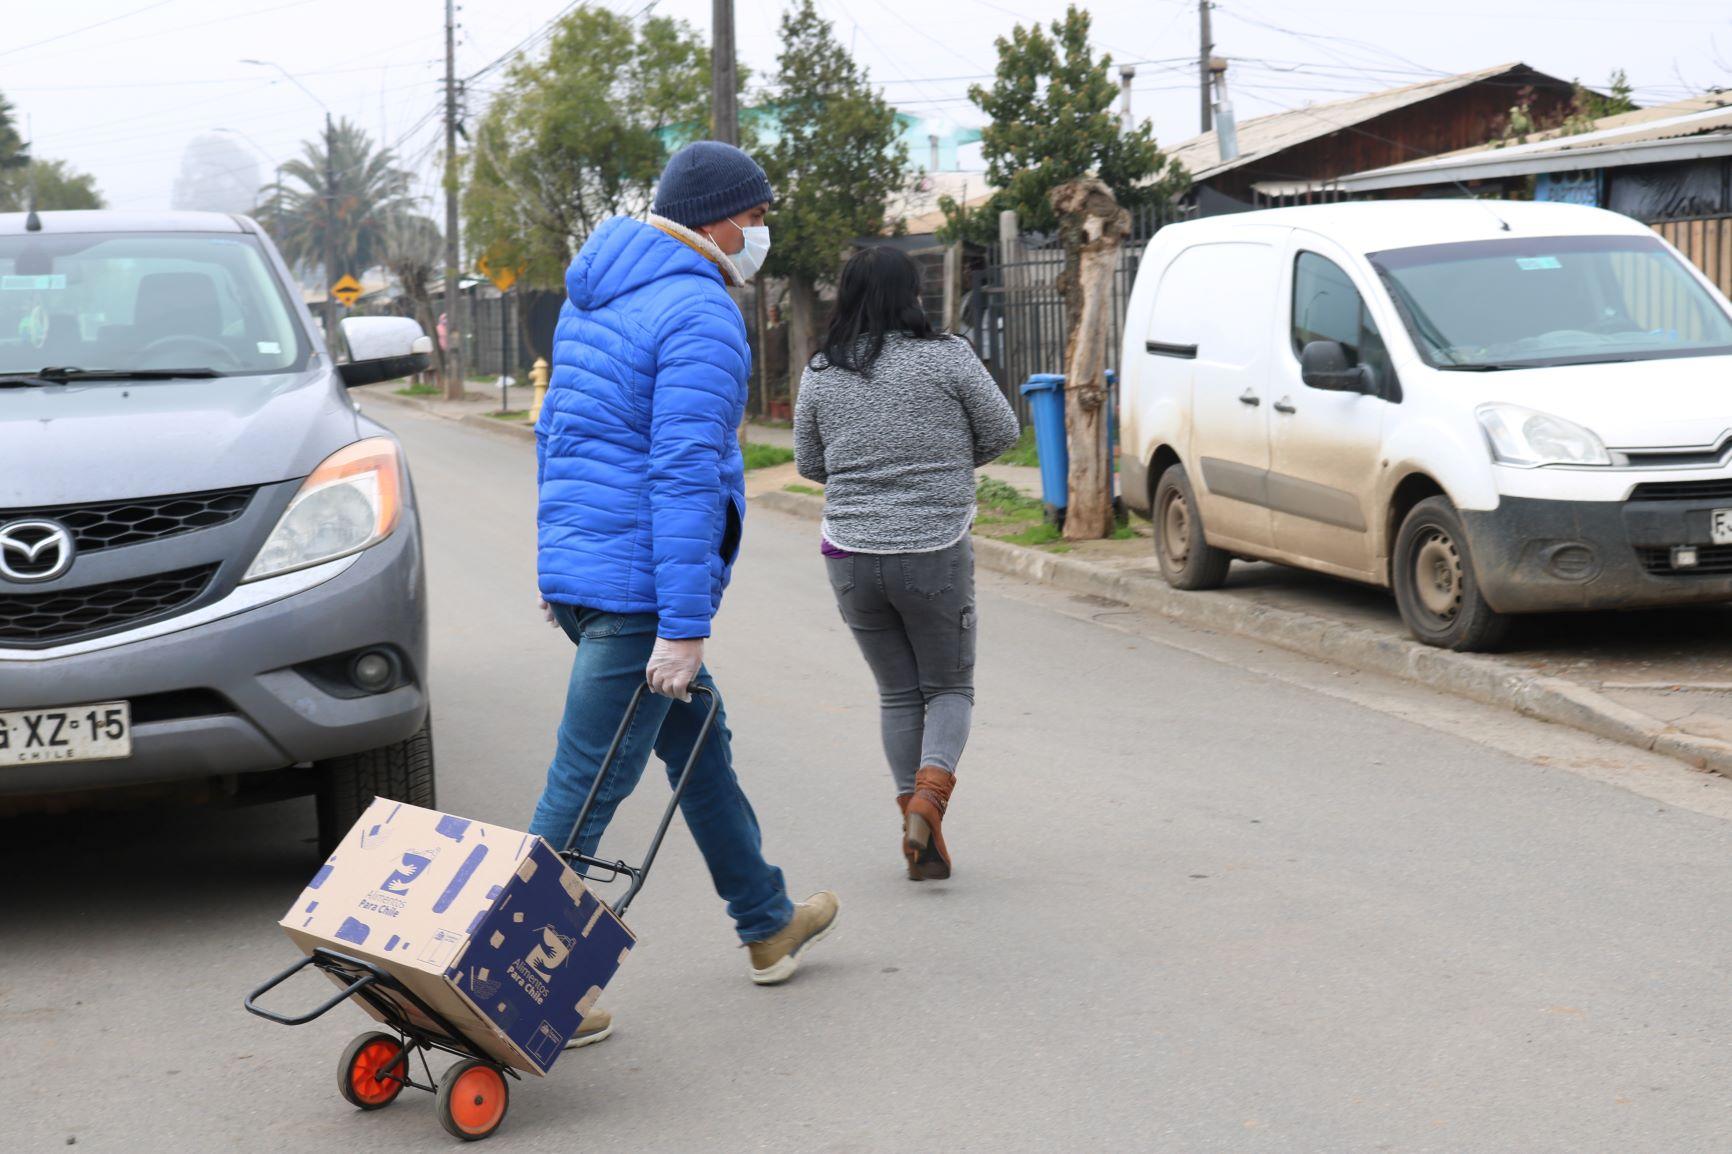 Municipio seguirá entregando cajas de alimentos del gobierno en distintos sectores de San Clemente